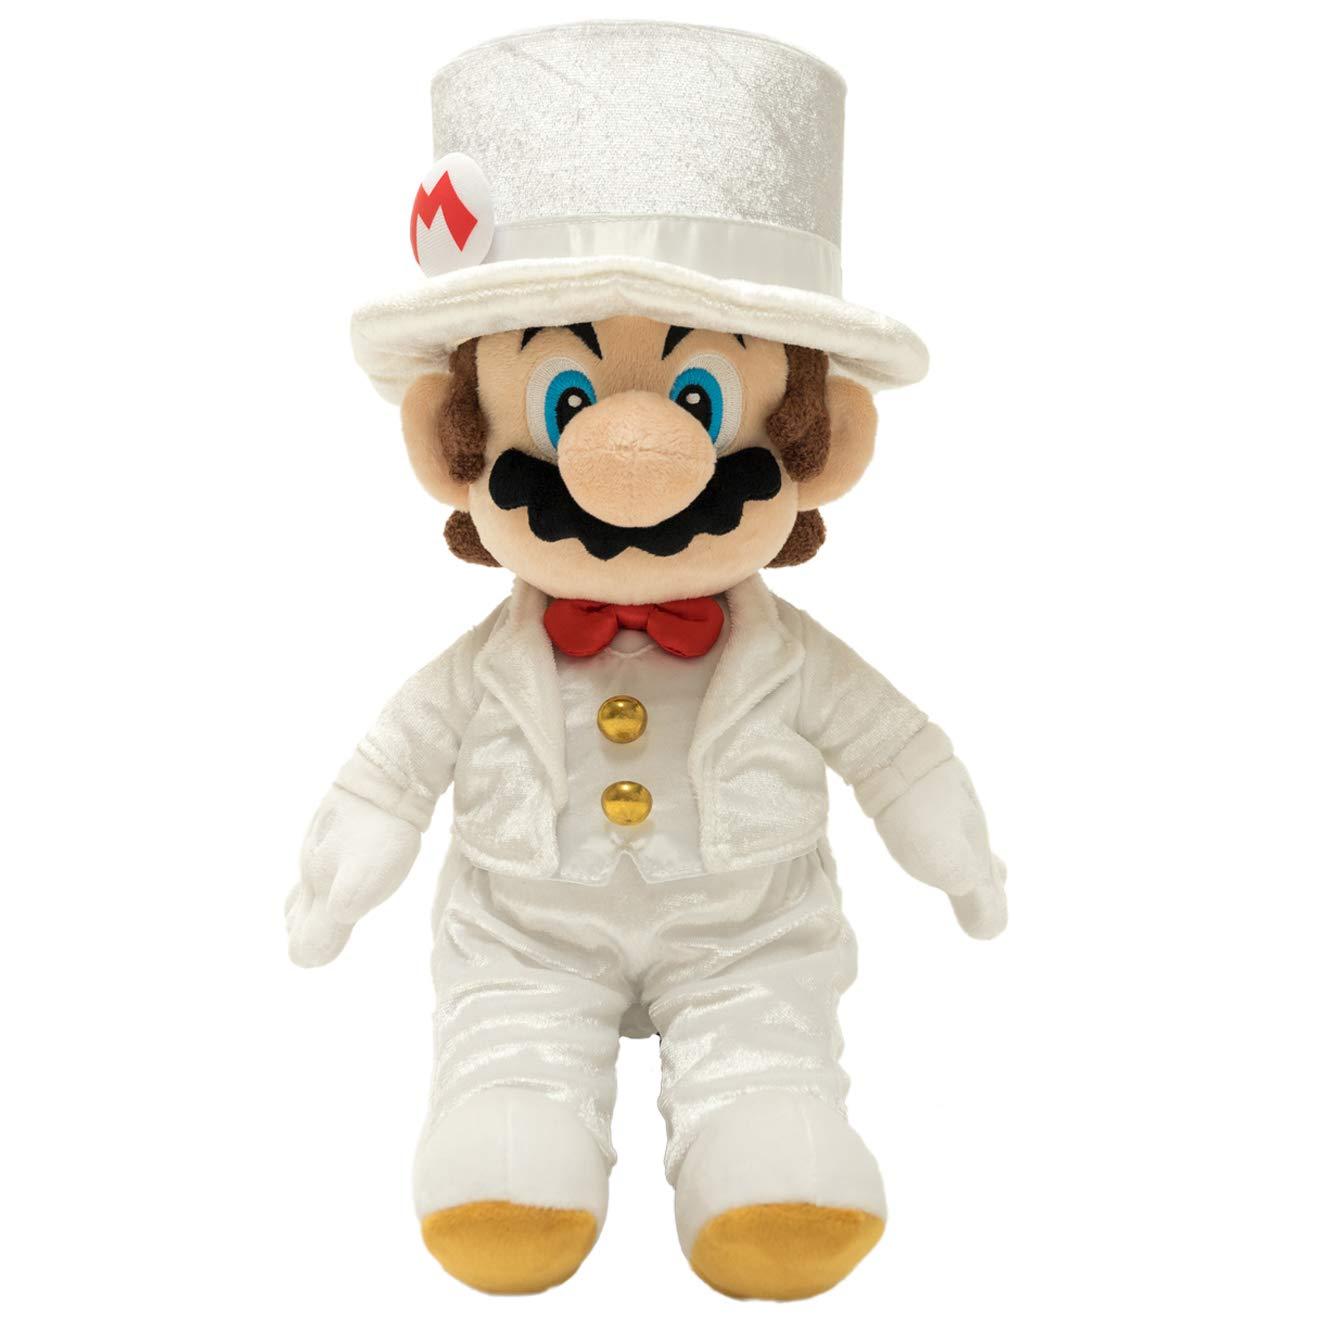 Little Buddy 1691 Super Mario Odyssey: Mario Groom (Wedding Style) Plush, 14'' by Little Buddy